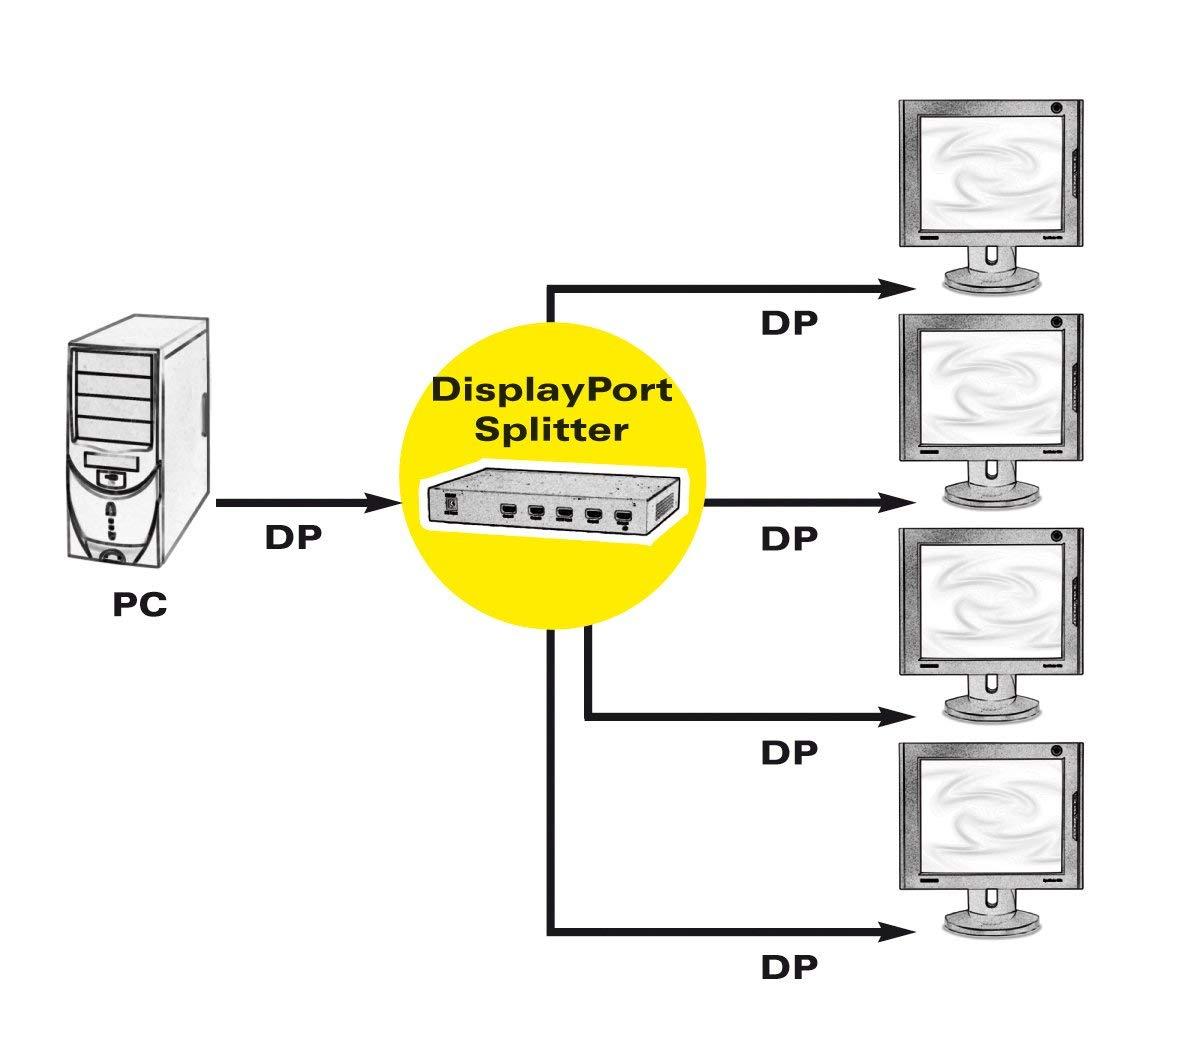 Häufig 3 Monitore anschließen und nutzen – so geht's FL05